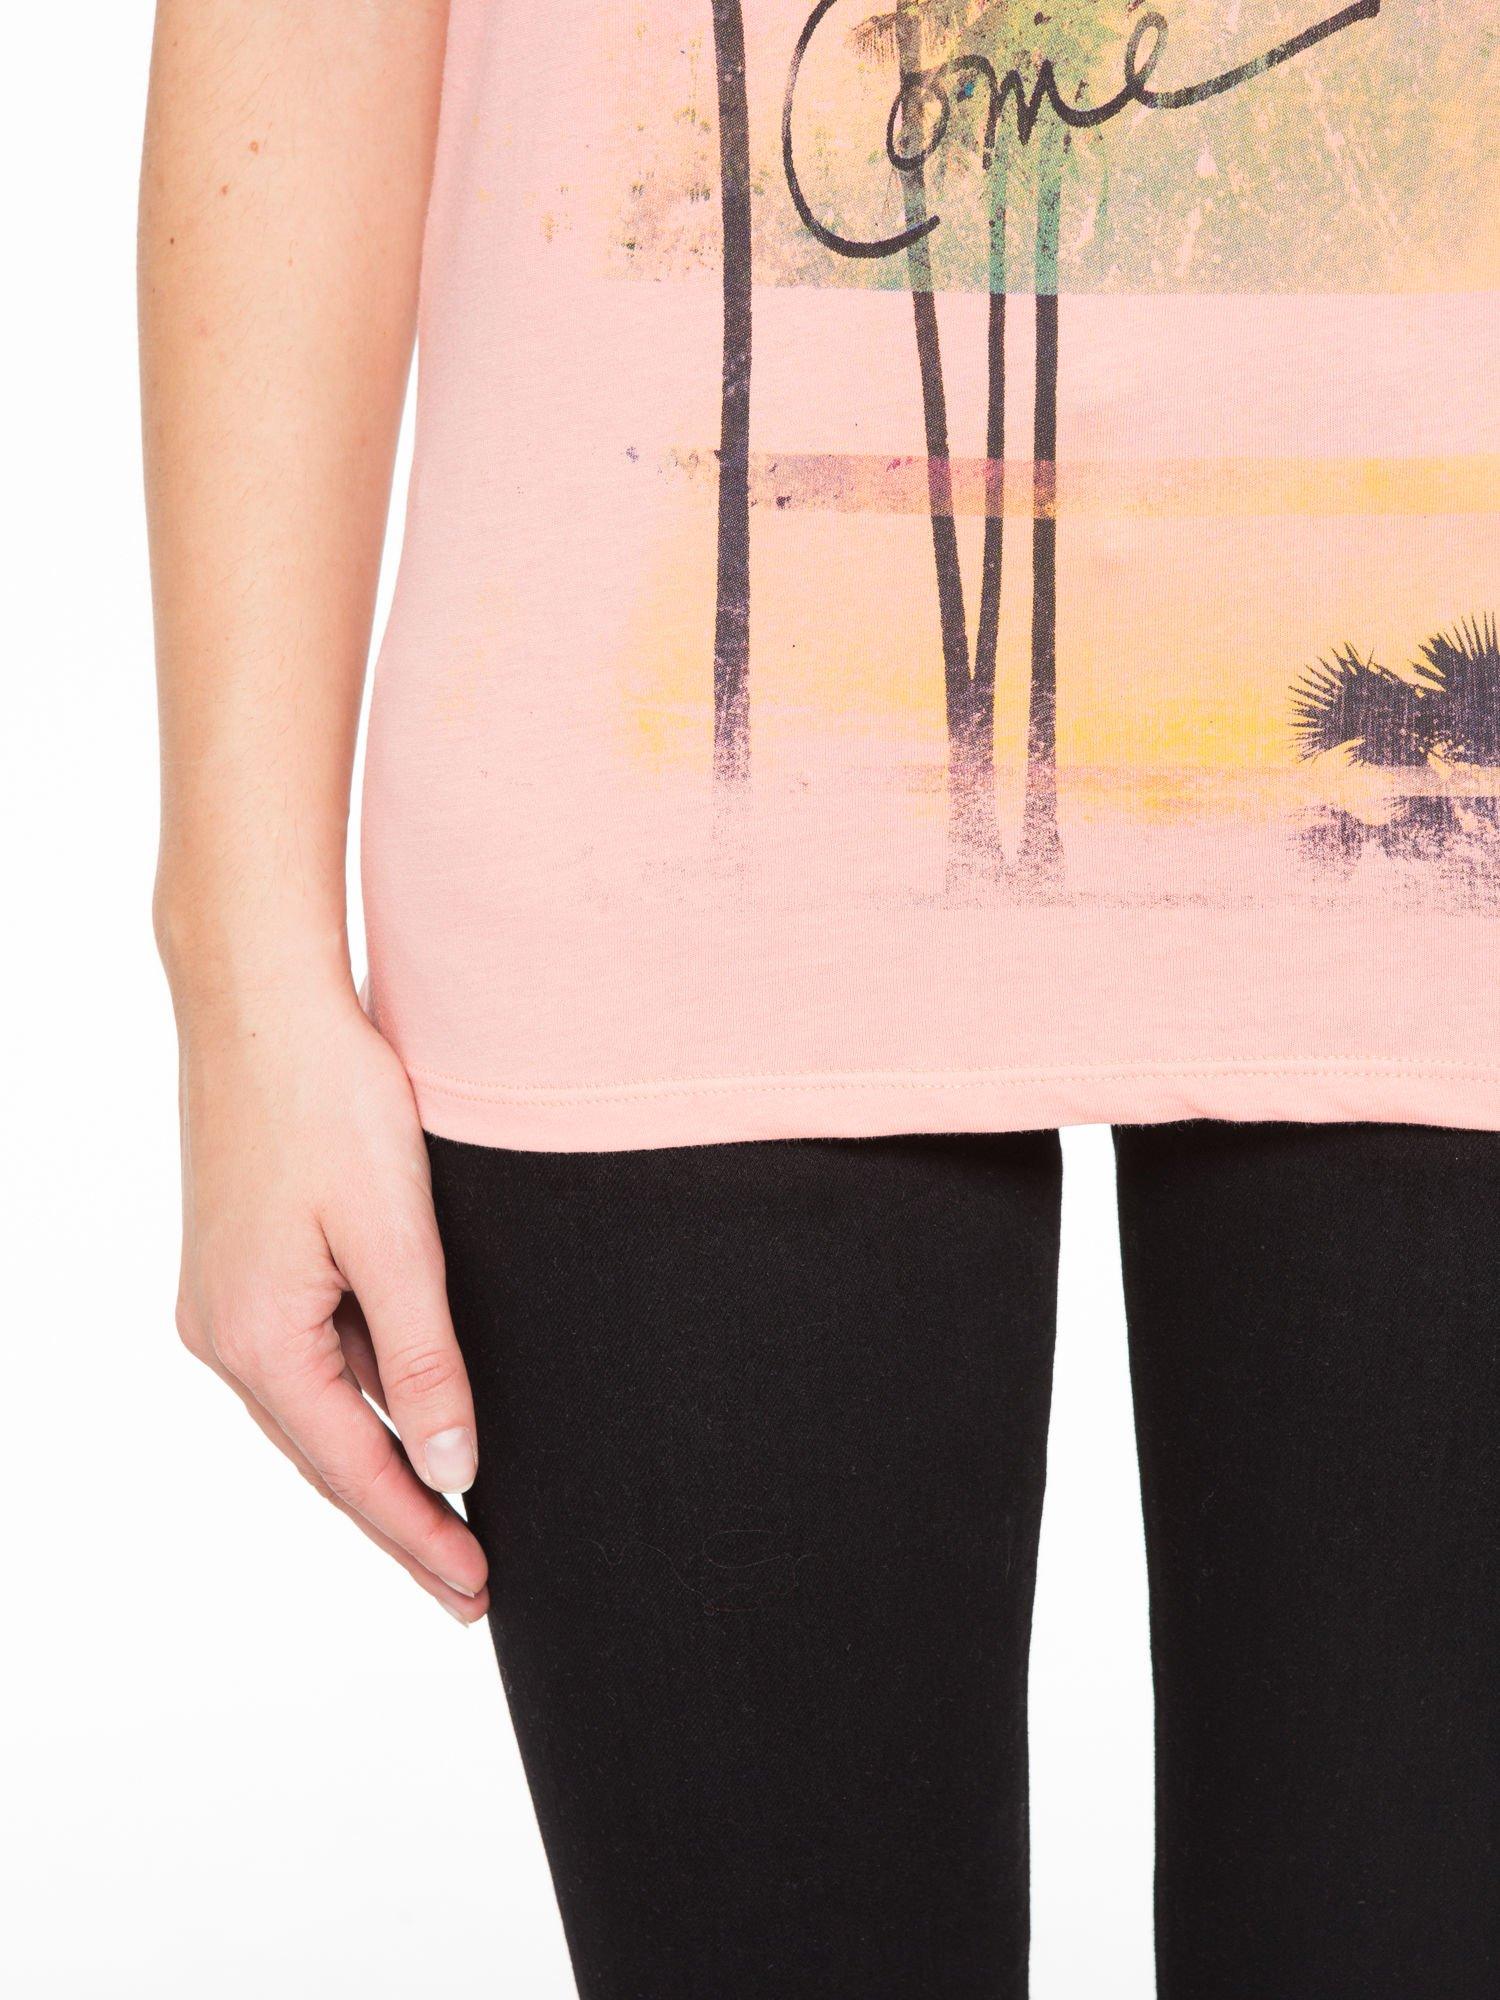 Rózowy t-shirt z napisem THE BEST IS YET TO COME                                  zdj.                                  6